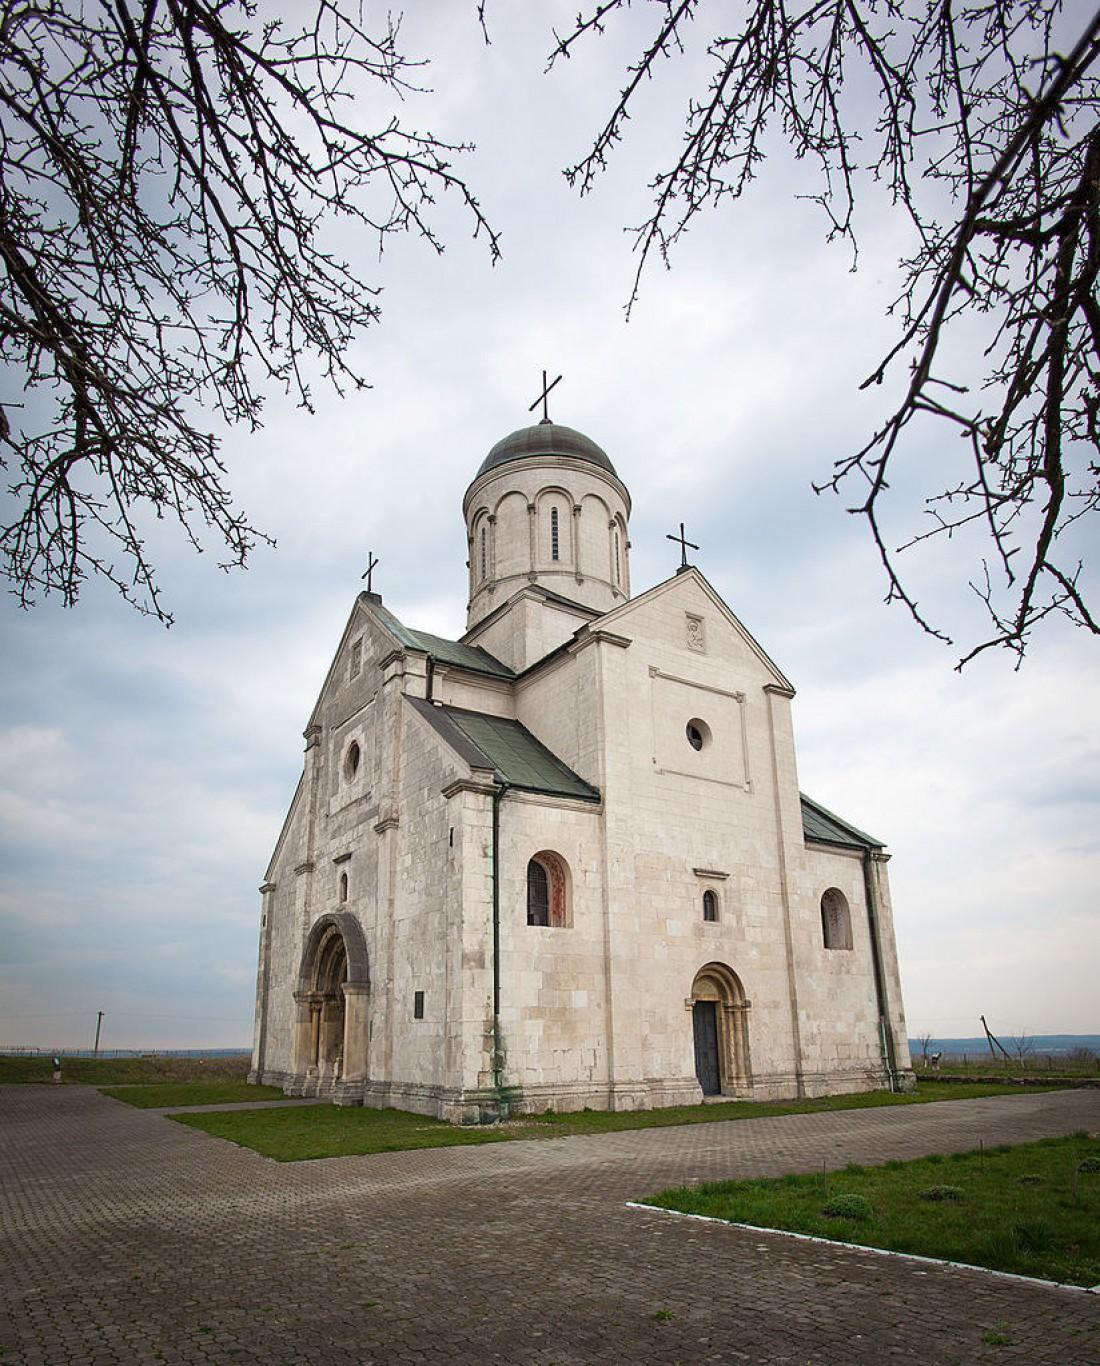 Церковь святого Пантелеймона, село Шевченково, Ивано-Франковская область